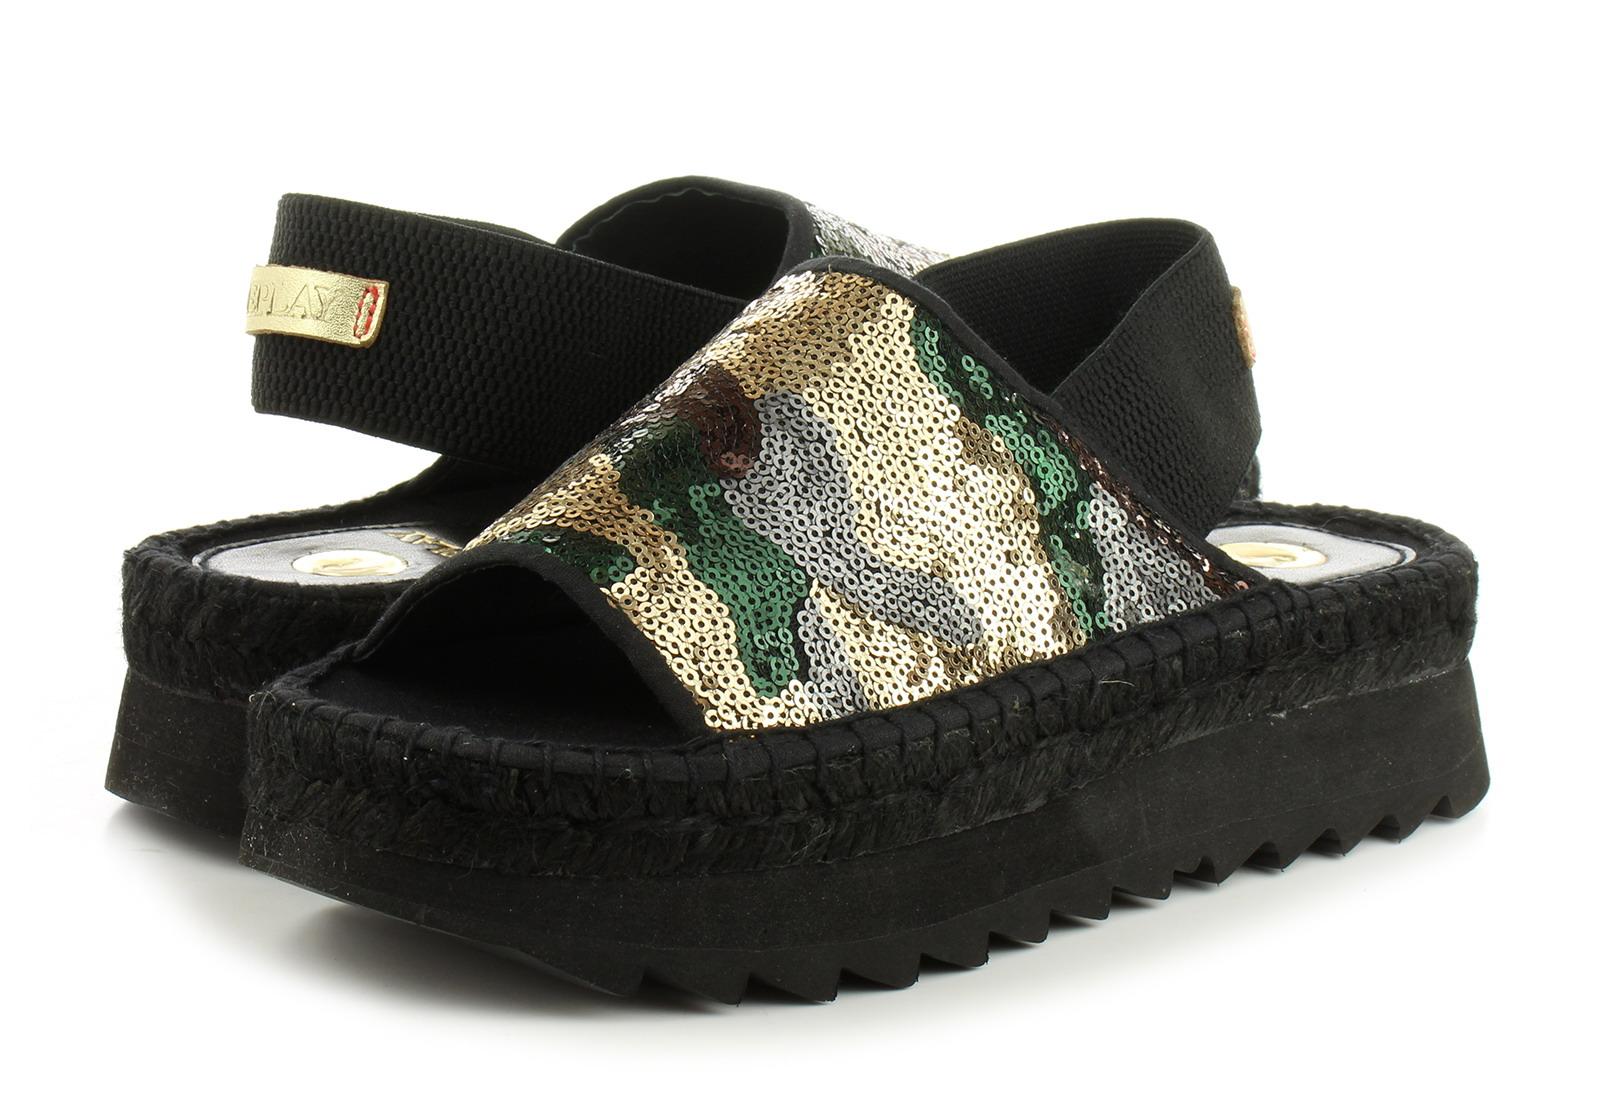 28ddb959 Replay Sandały - Larisa - RP3E0008S-765 - Obuwie i buty damskie, męskie,  dziecięce w Office Shoes